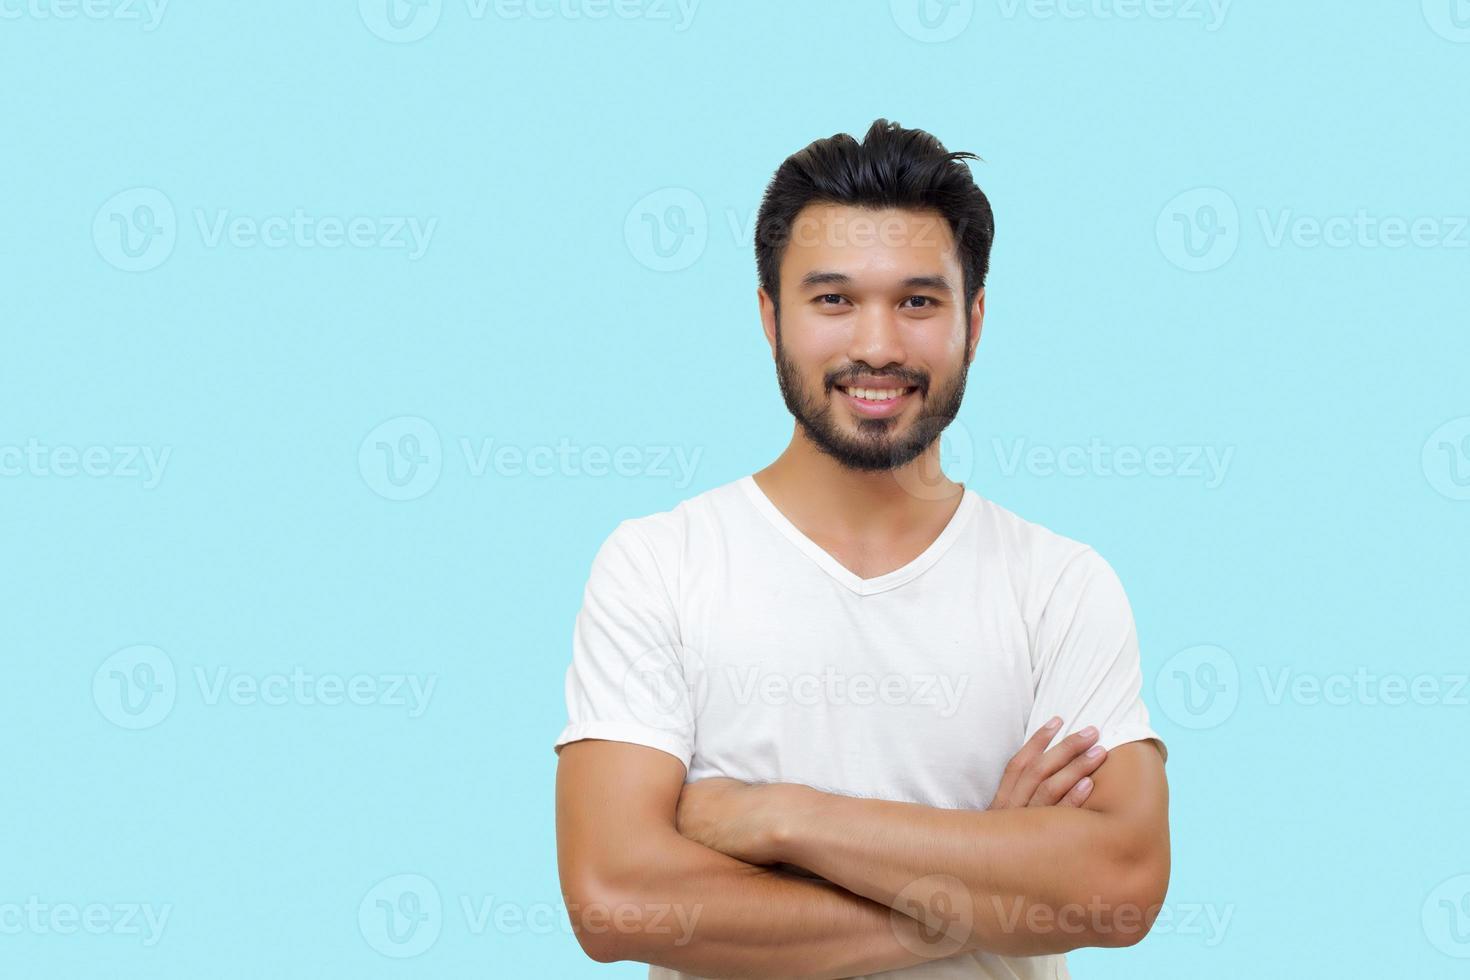 homem bonito asiático com bigode, sorrindo e rindo, isolado no fundo azul foto